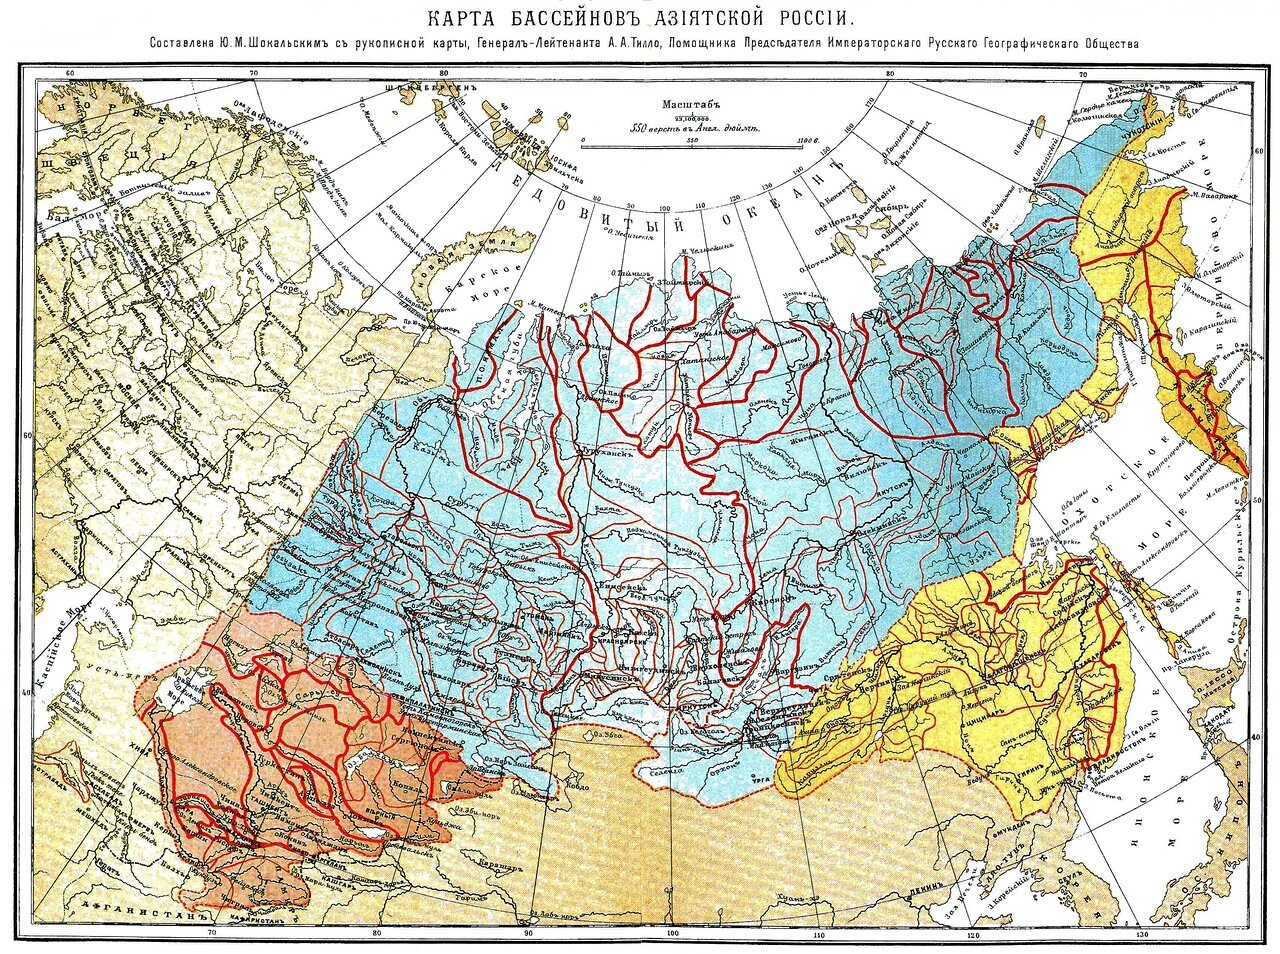 09. Карта бассейнов рек Азиатской России